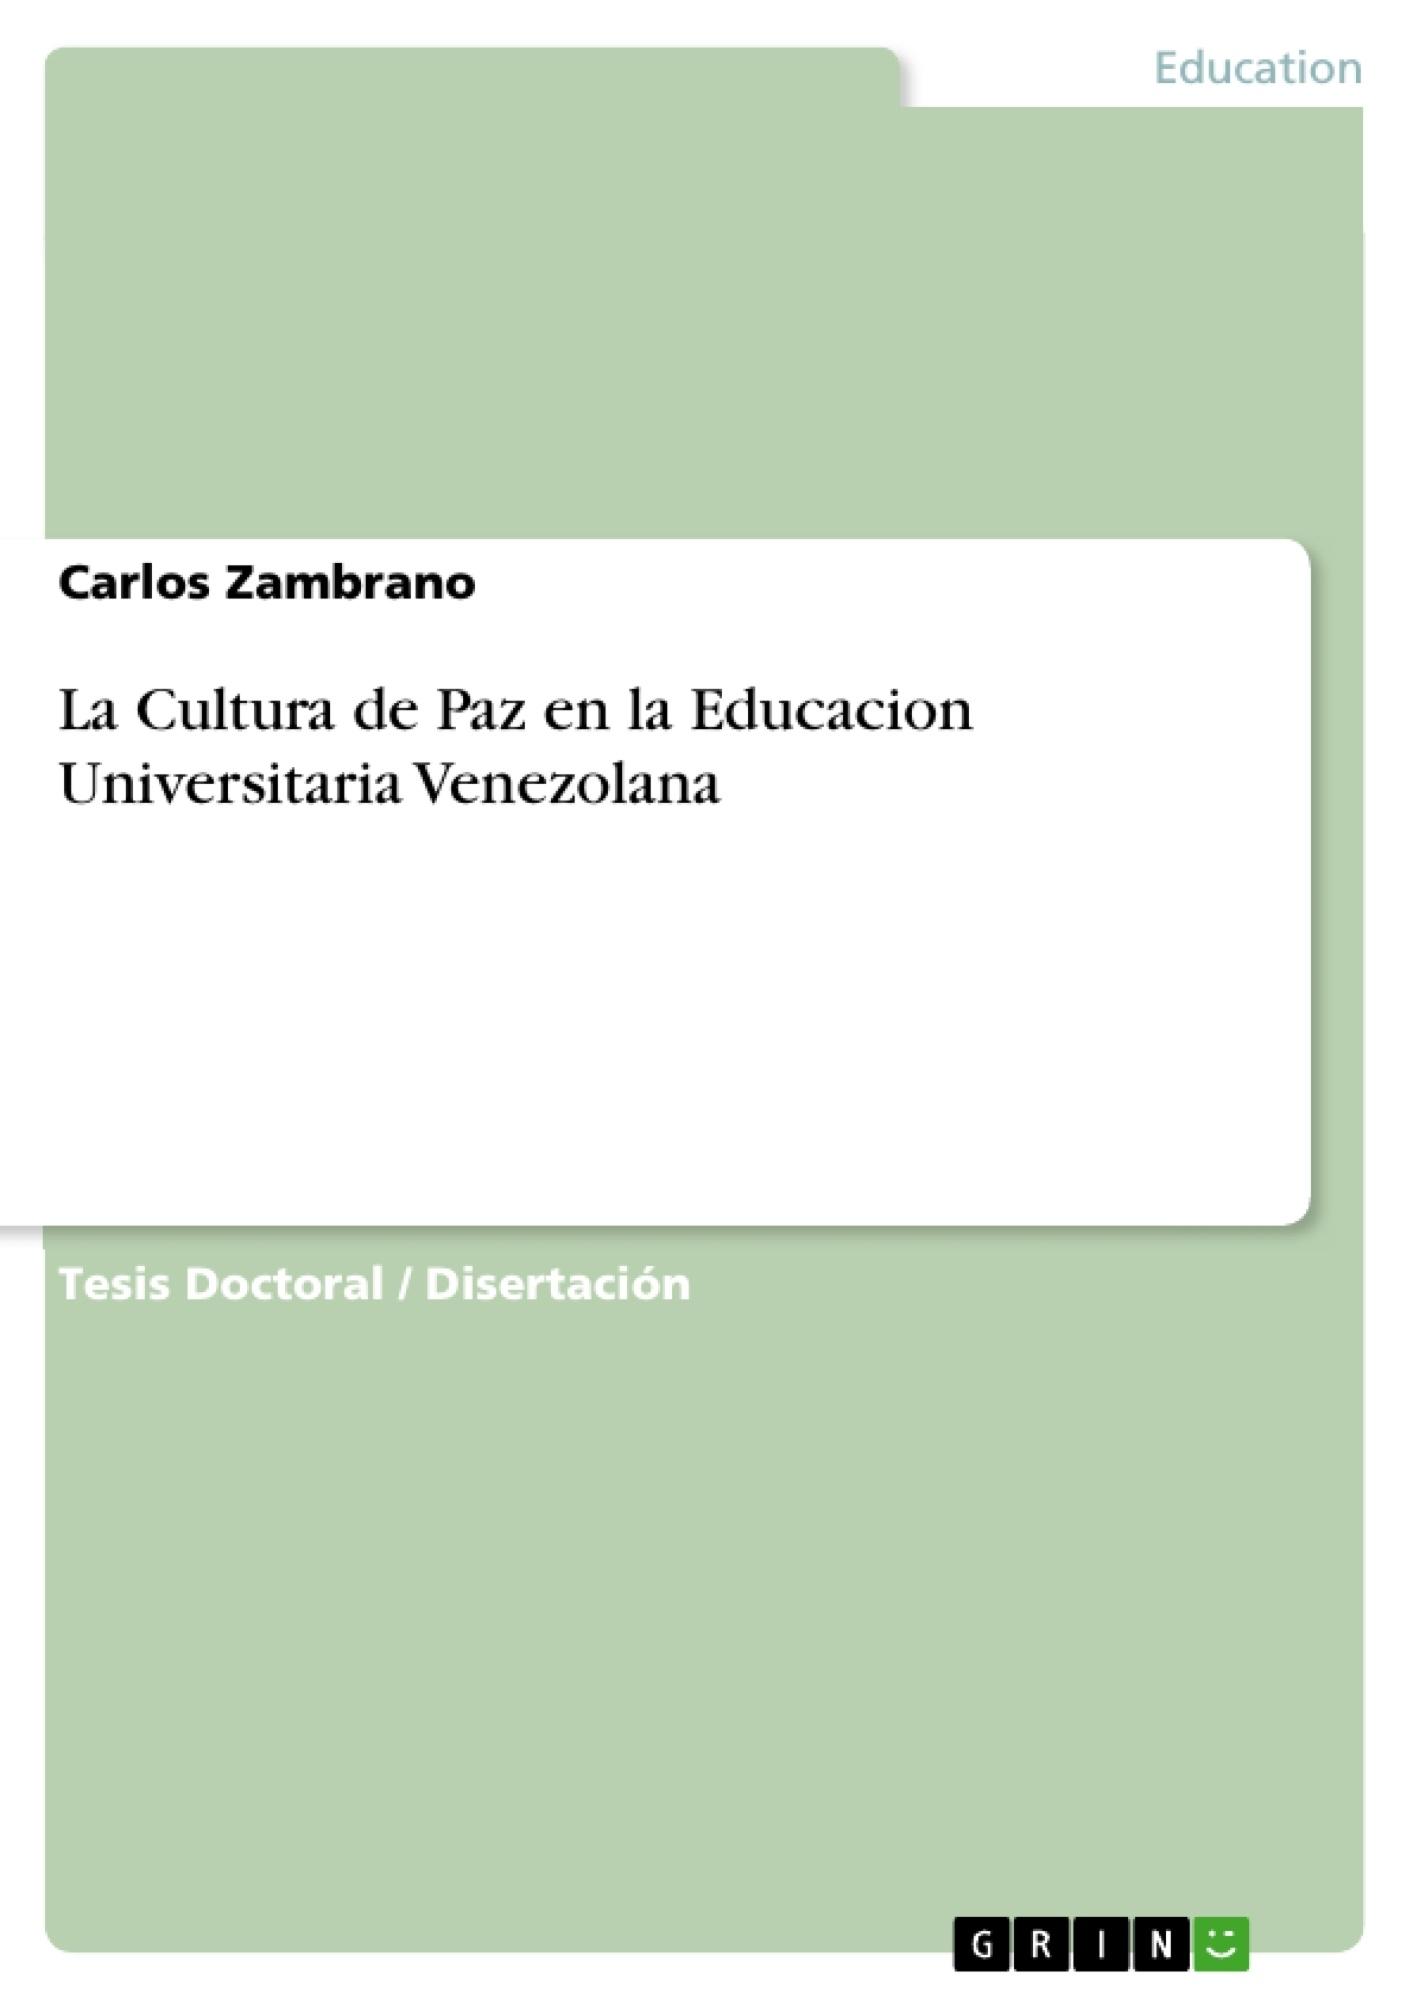 Título: La Cultura de Paz en la Educacion Universitaria Venezolana